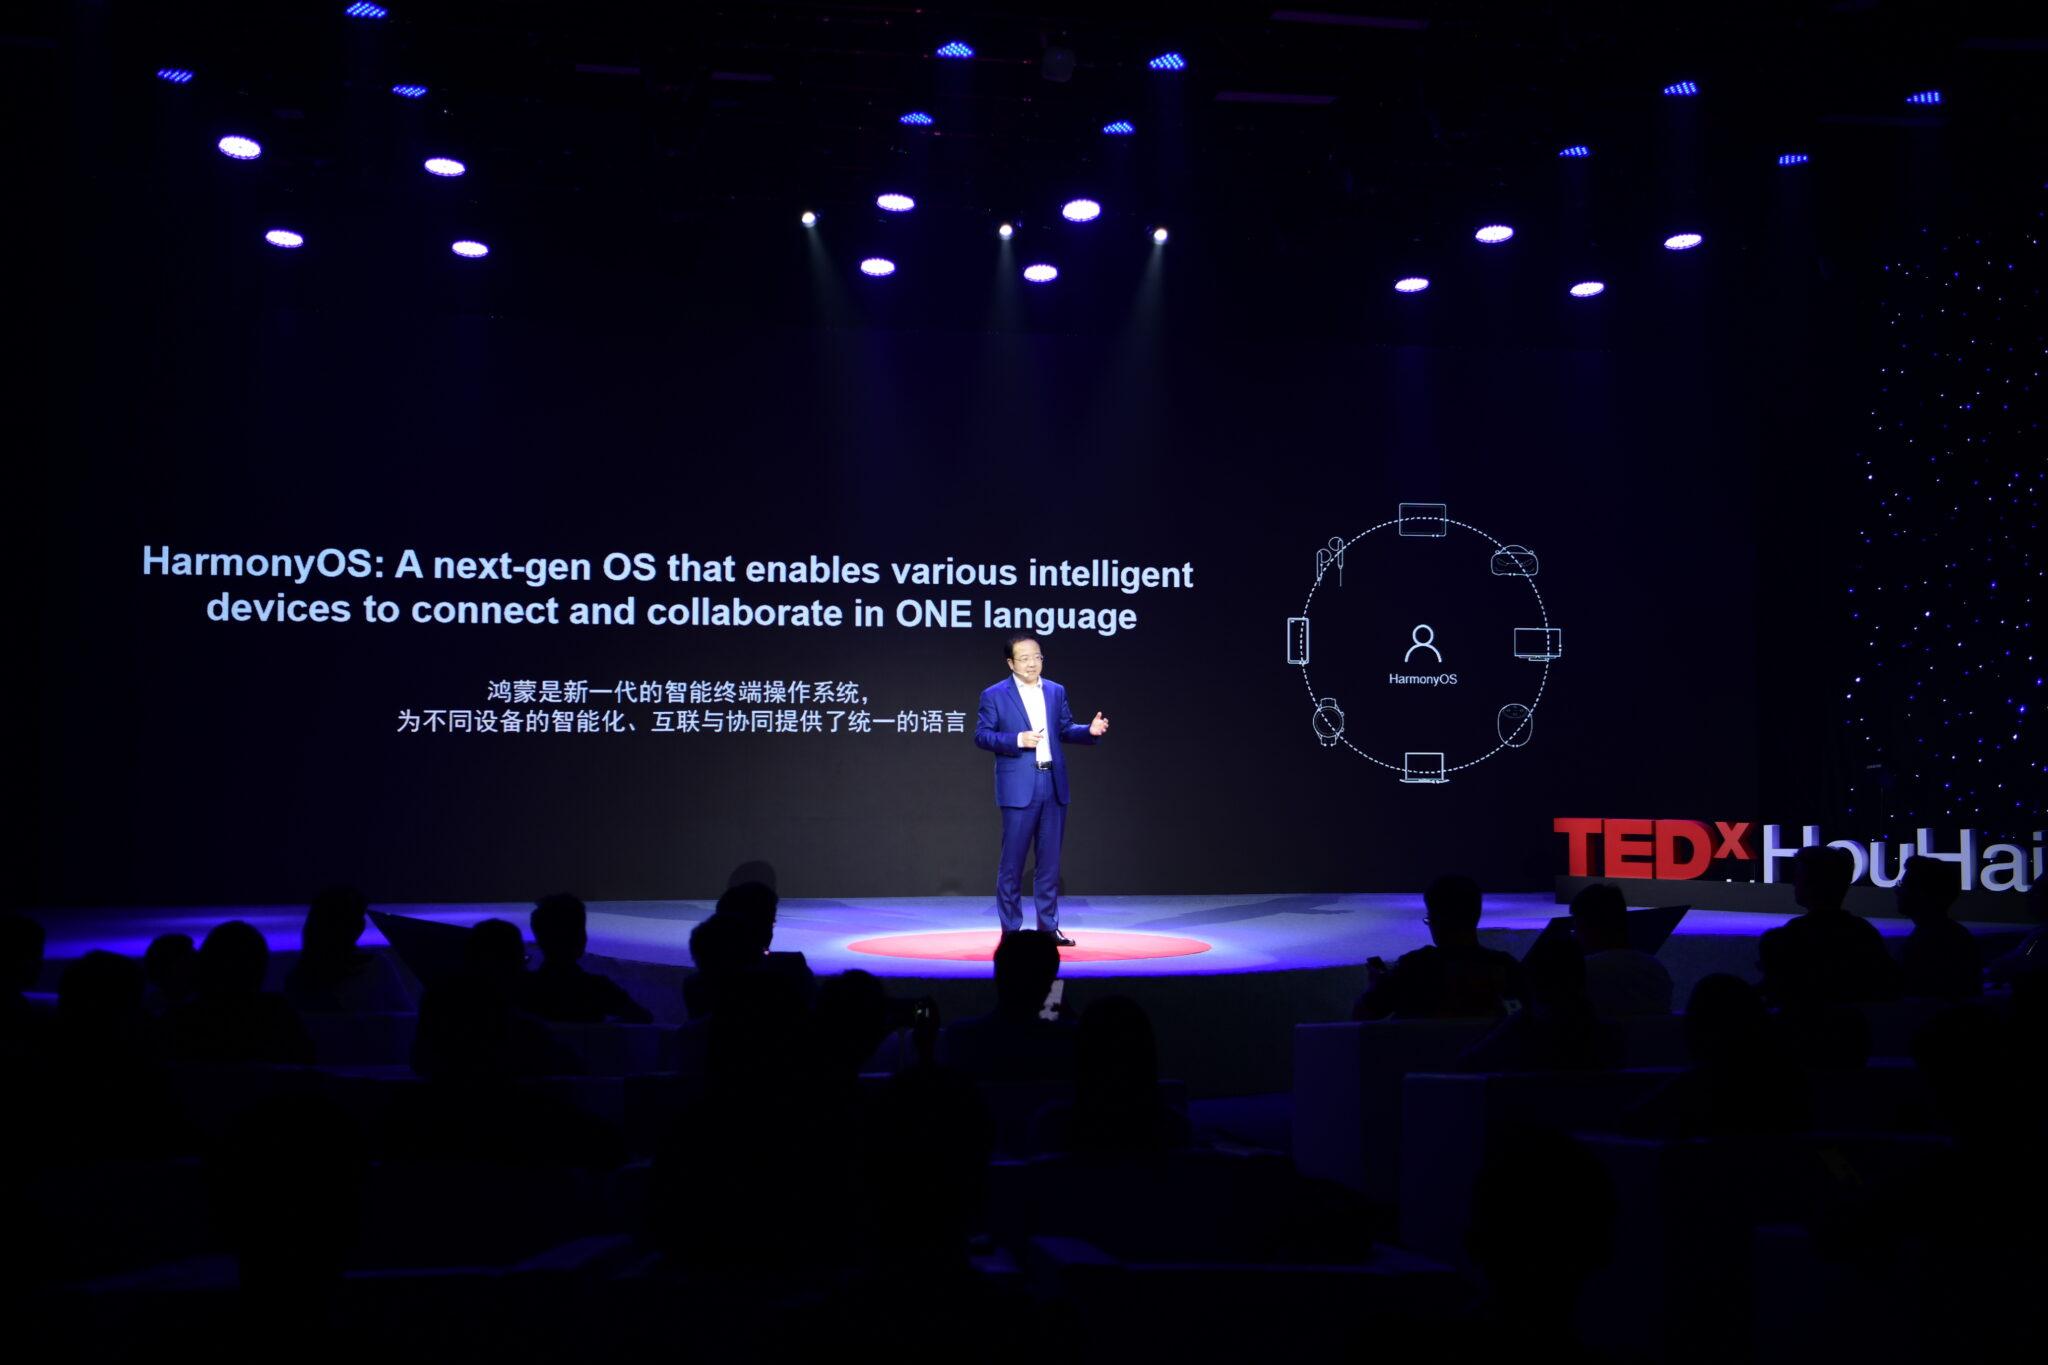 Д-р Уанг Ченглу, президент на софтуерното подразделение на Huawei Consumer